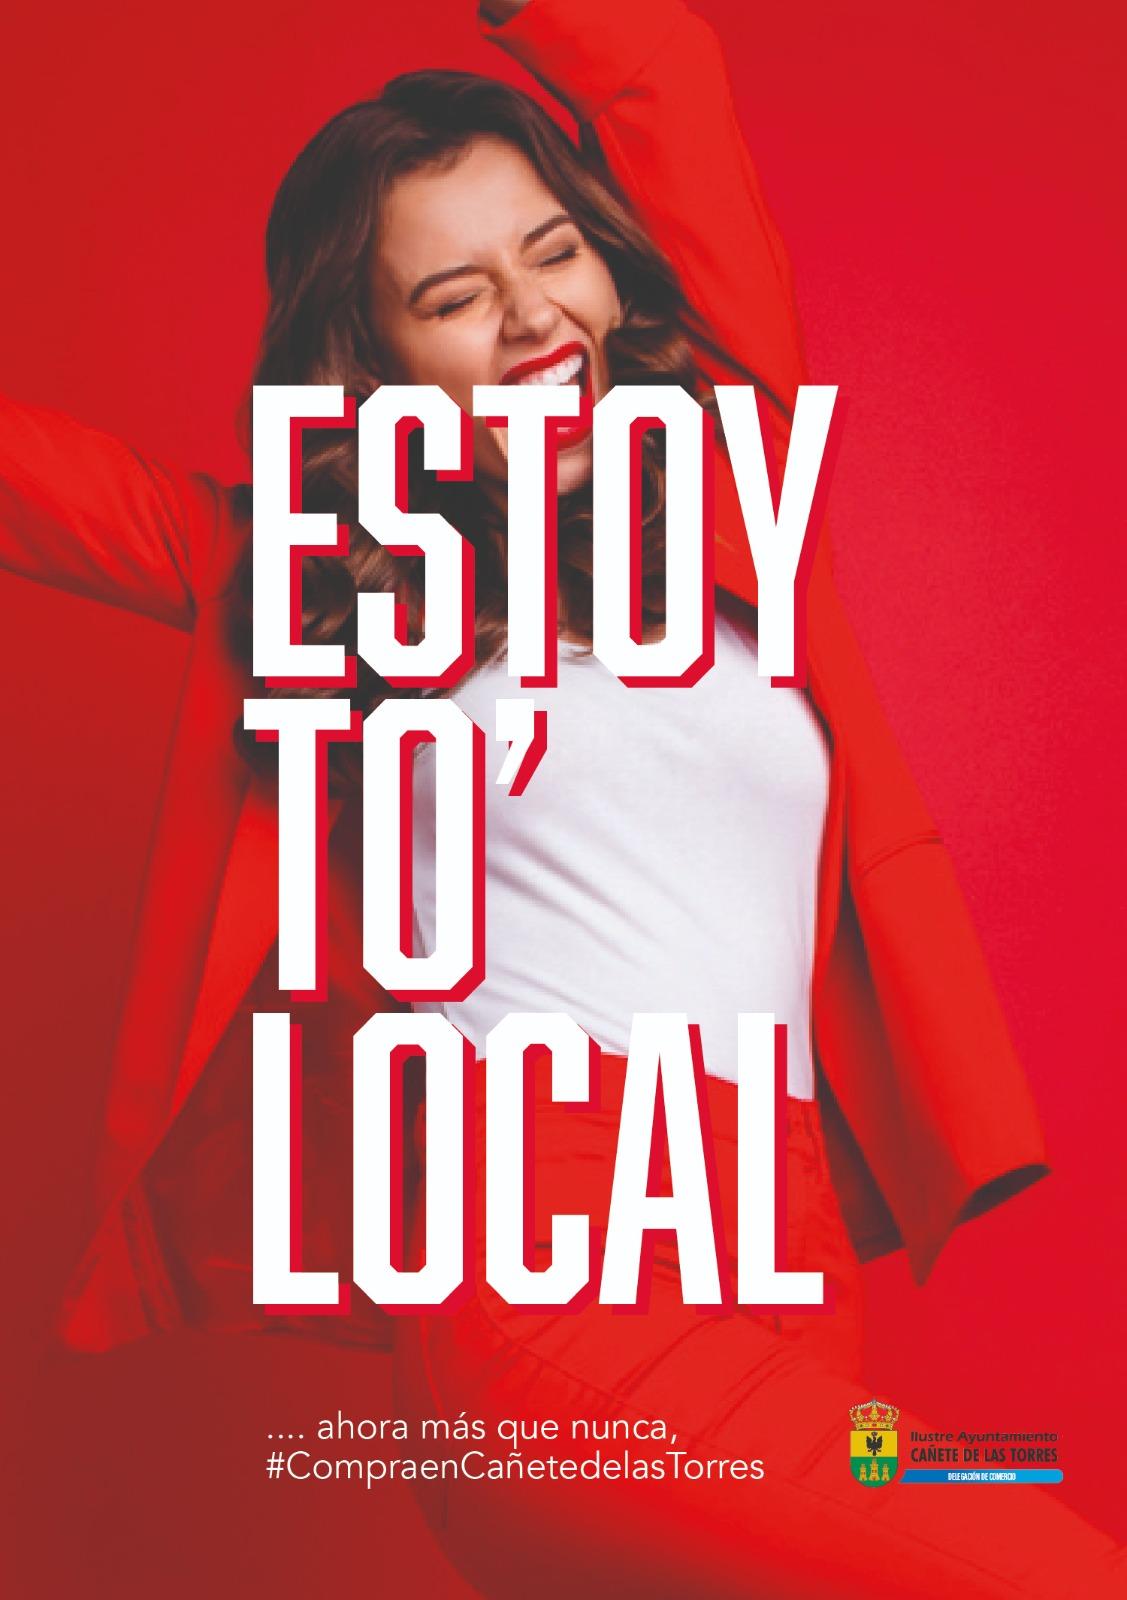 cartel 3 estoy to local